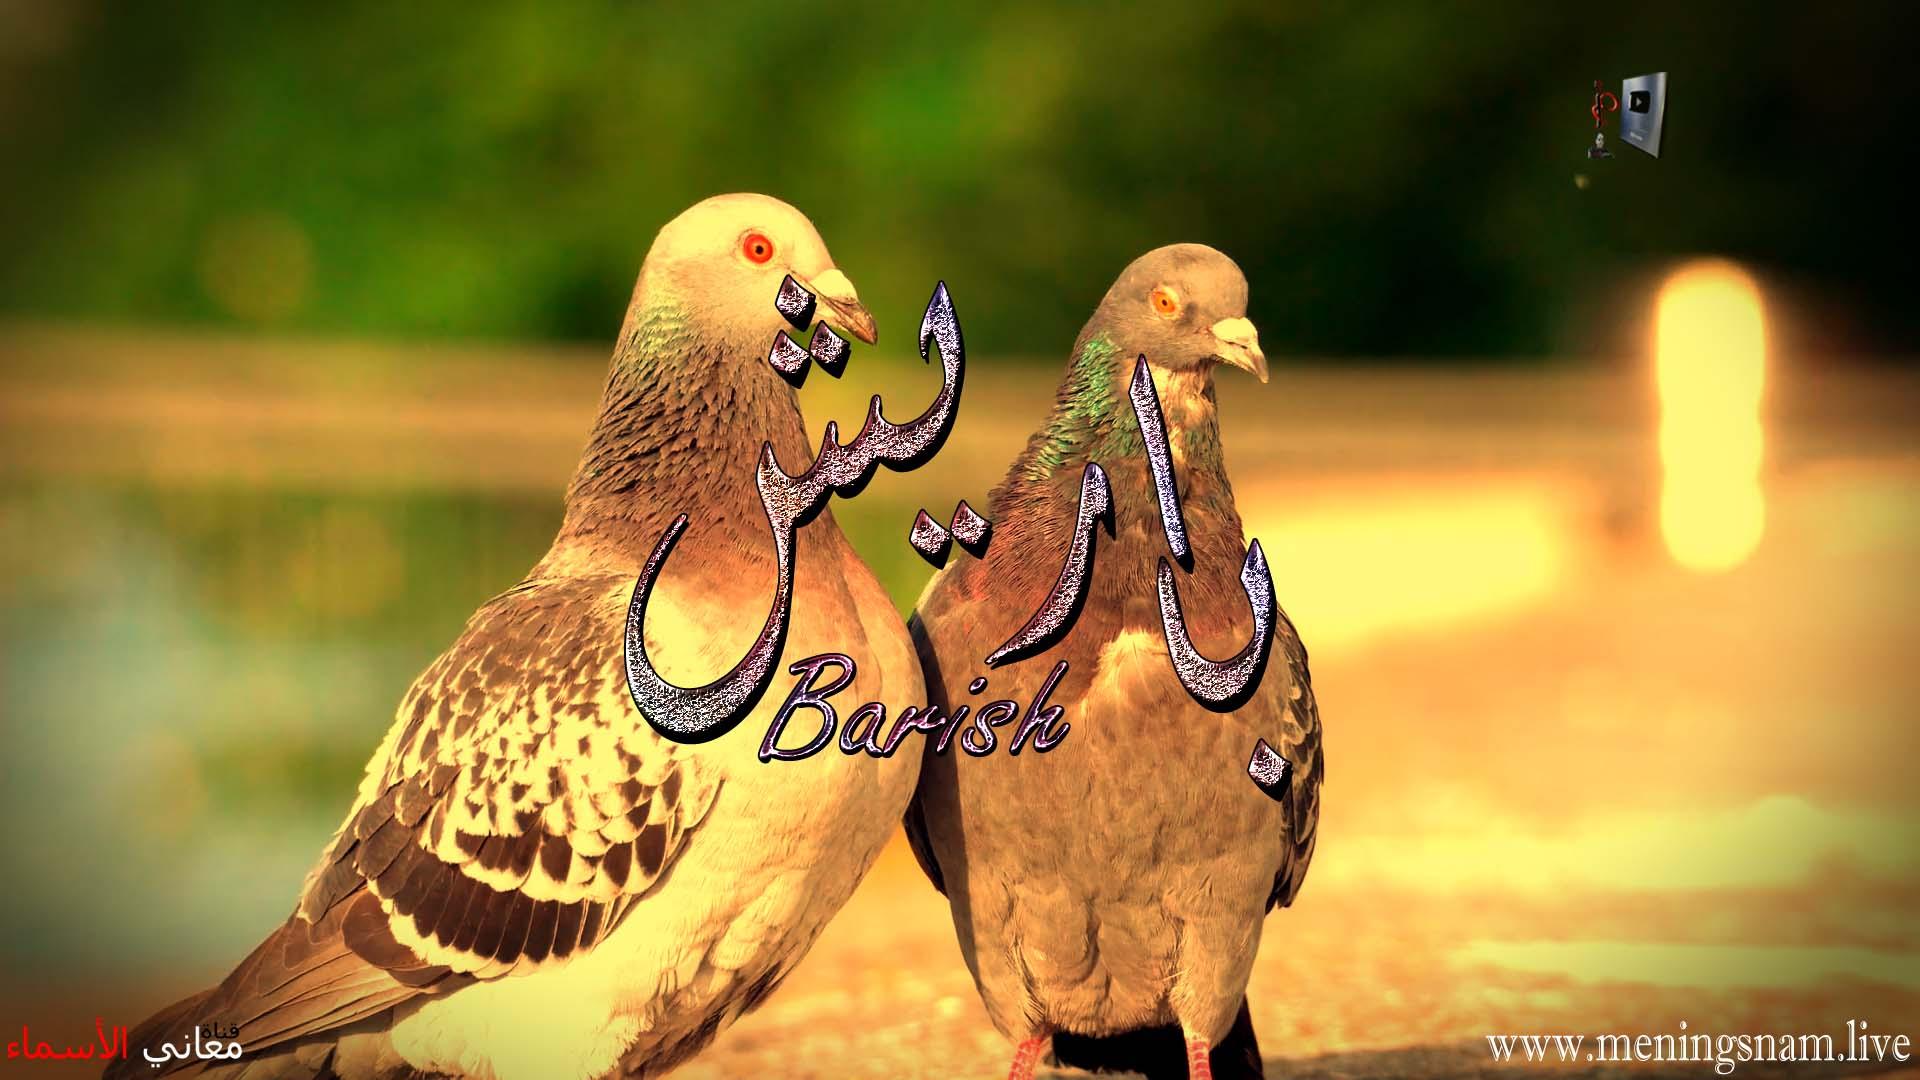 معنى اسم باريش وصفات حامل هذا الاسم Baris